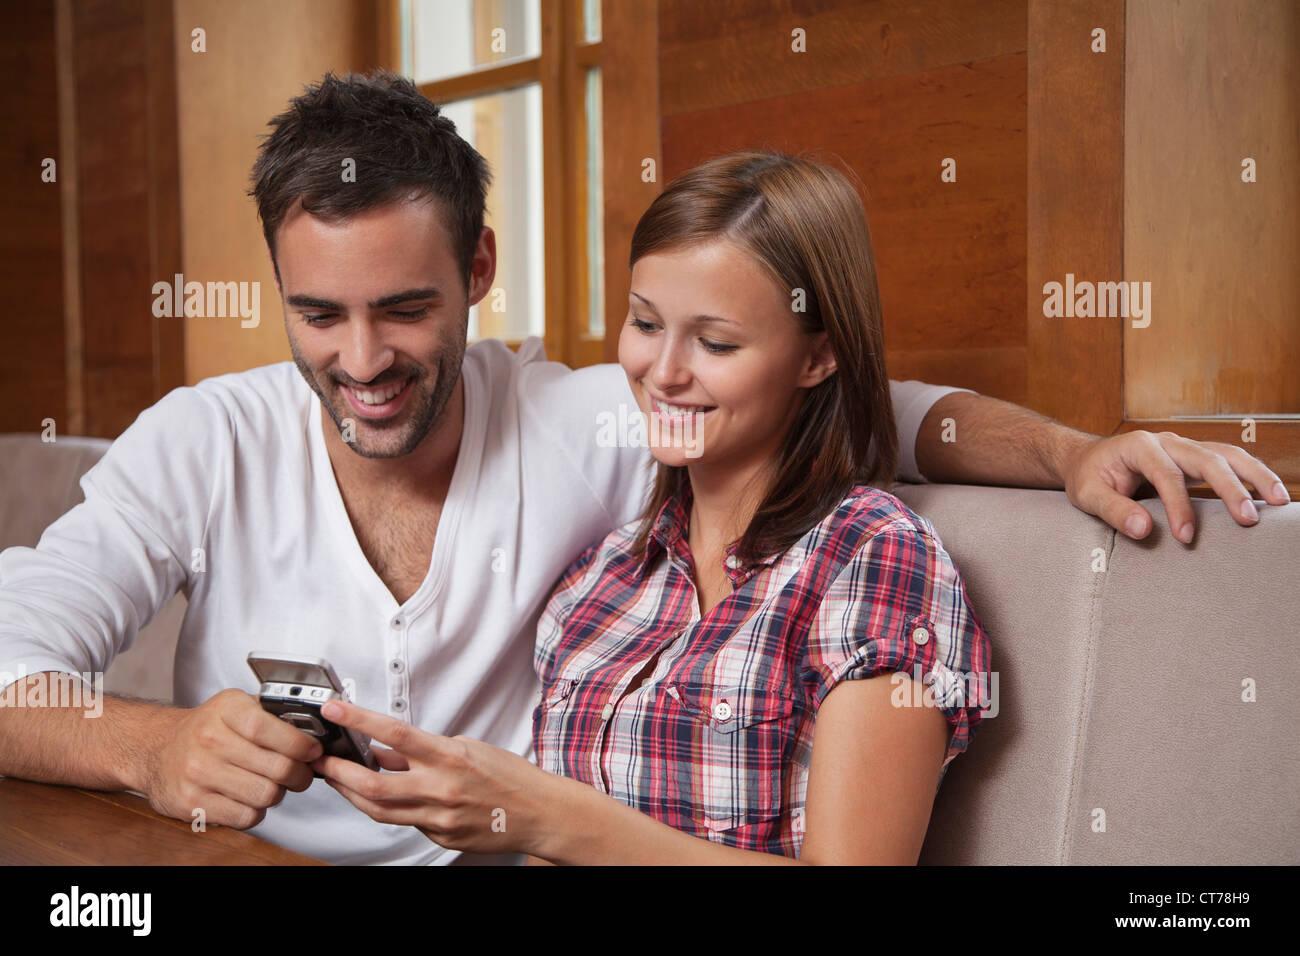 junges Paar Austausch von SMS auf dem Handy Stockbild